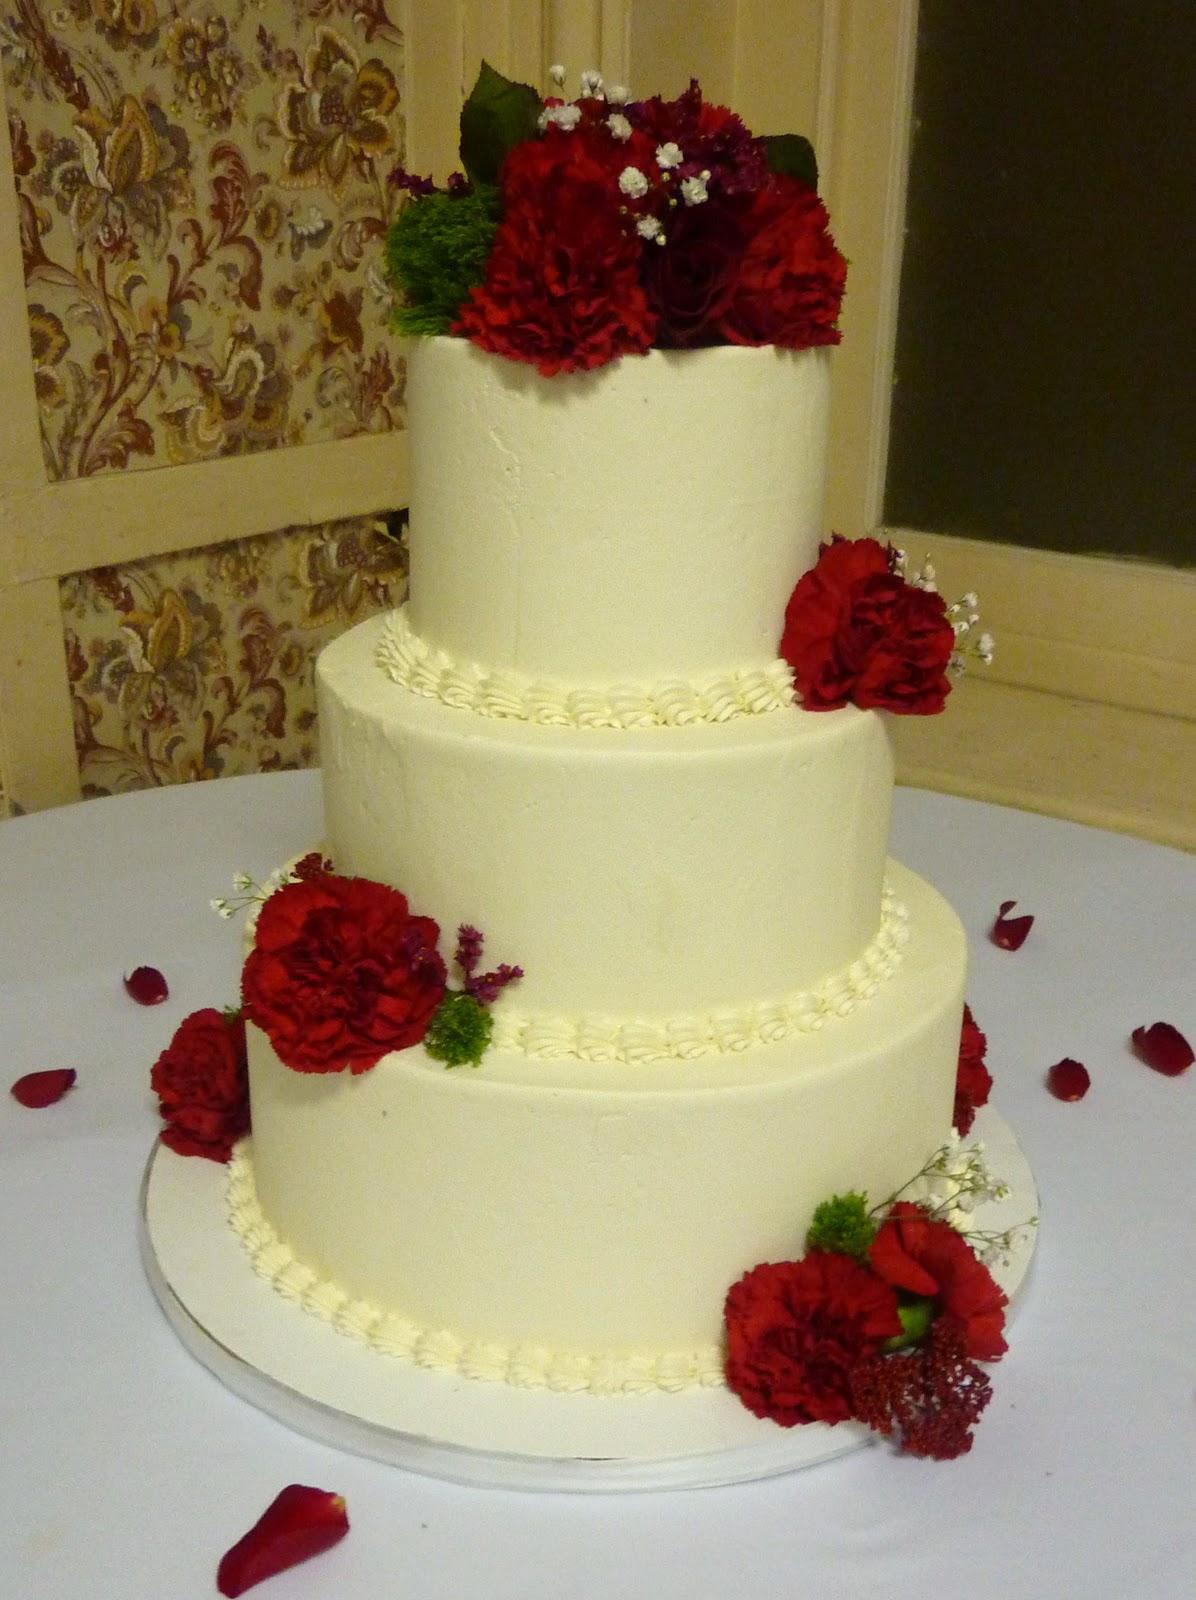 Happy Wedding Anniversary Cakes